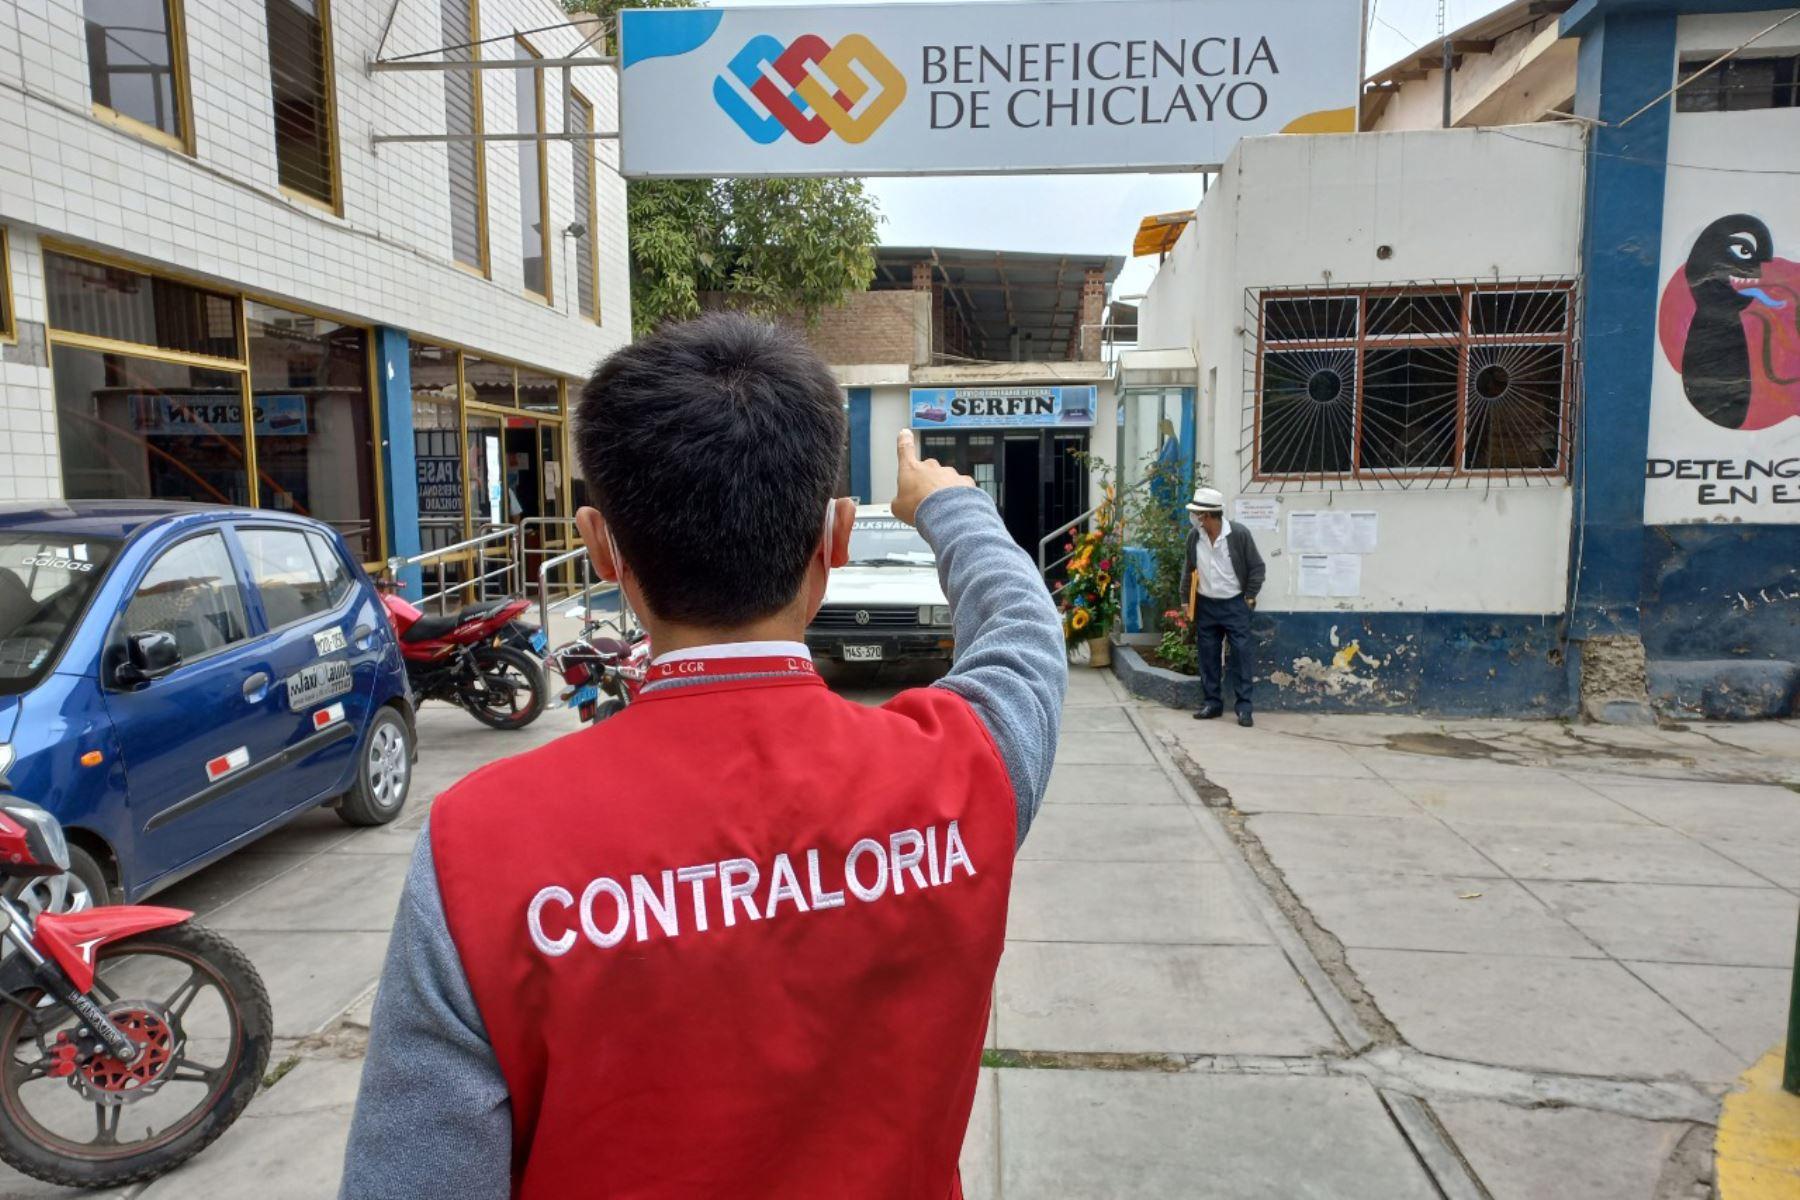 Recomiendan acciones legales contra exfuncionarios de la Beneficencia de Chiclayo